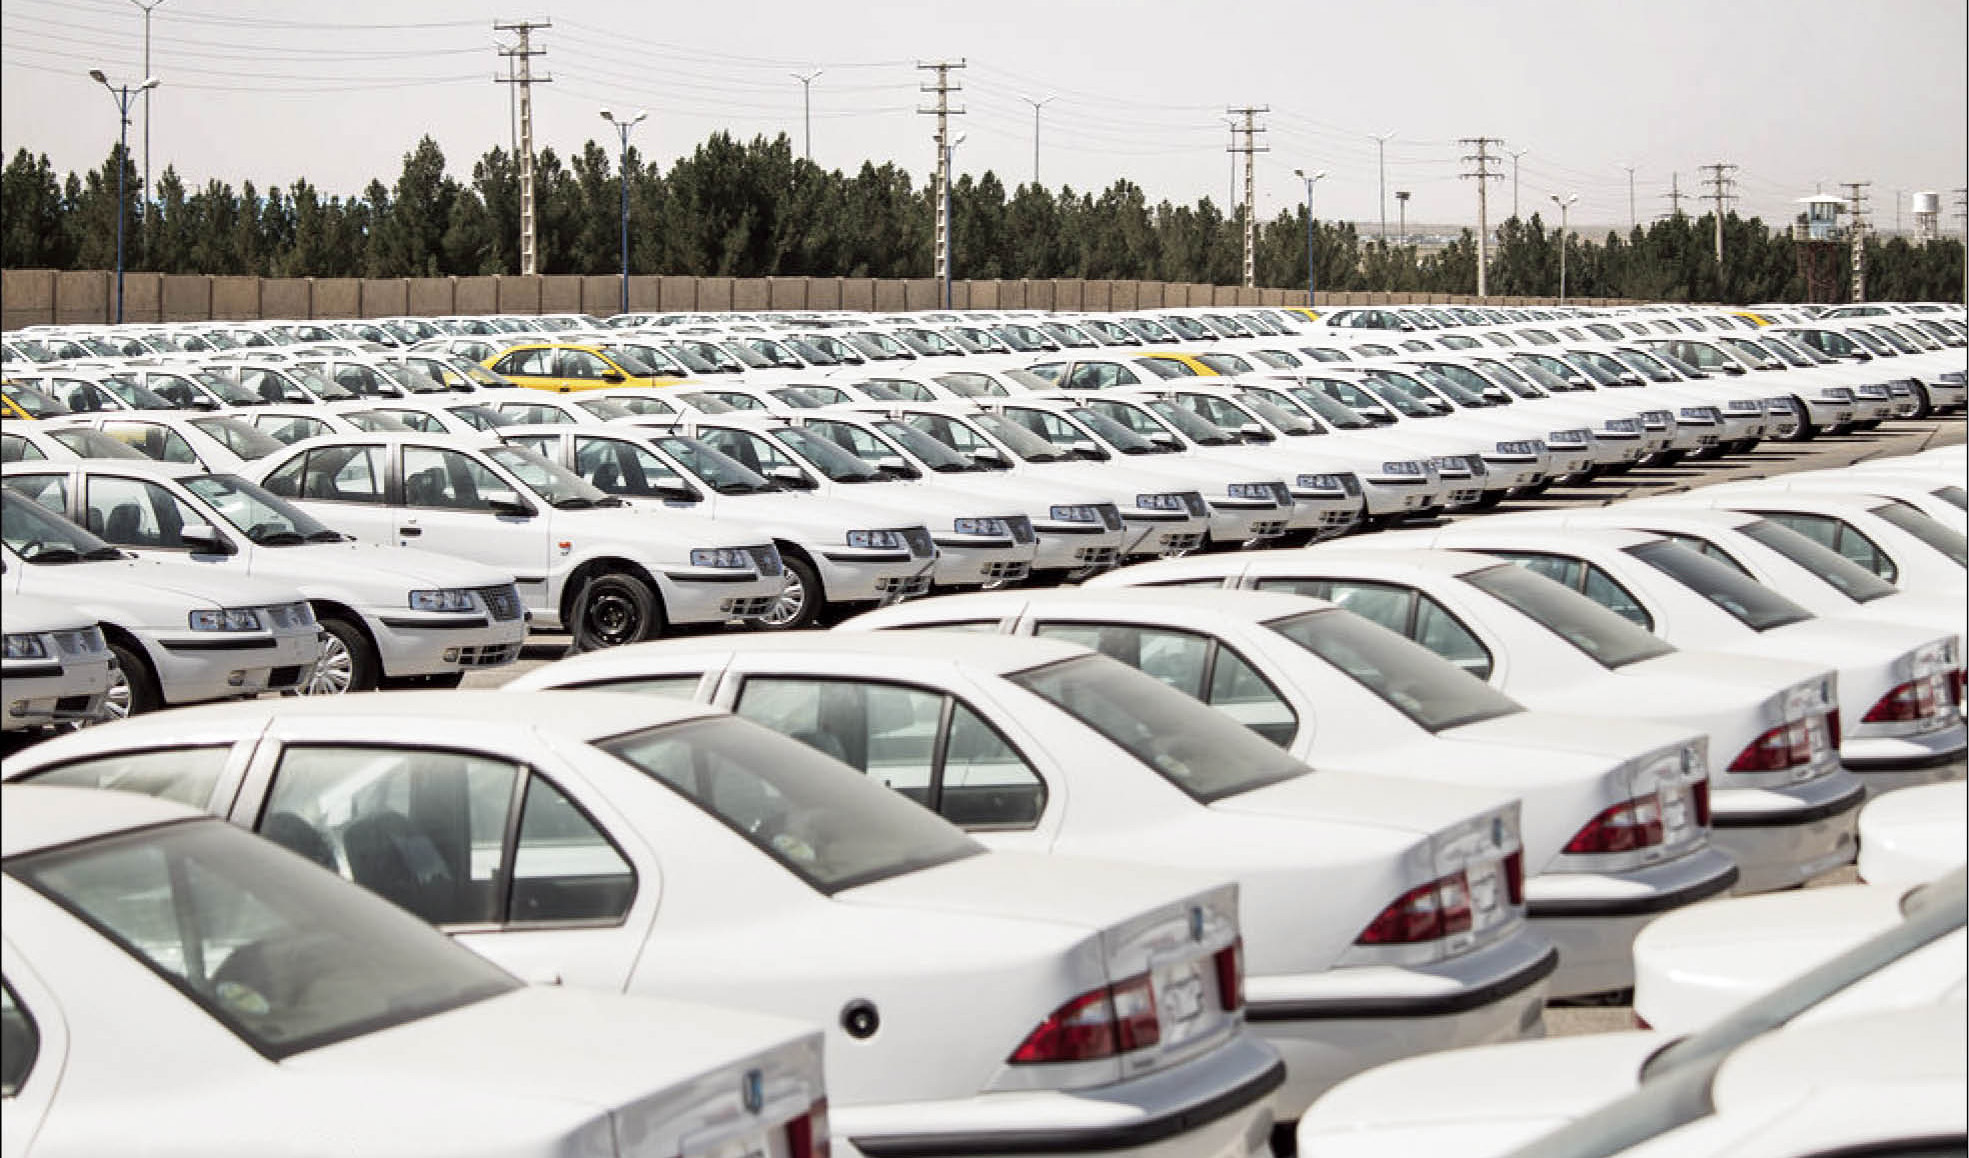 قیمت کارخانه ای برخی محصولات ایران خودرو با صدور دعوتنامه مشخص شد + جدول